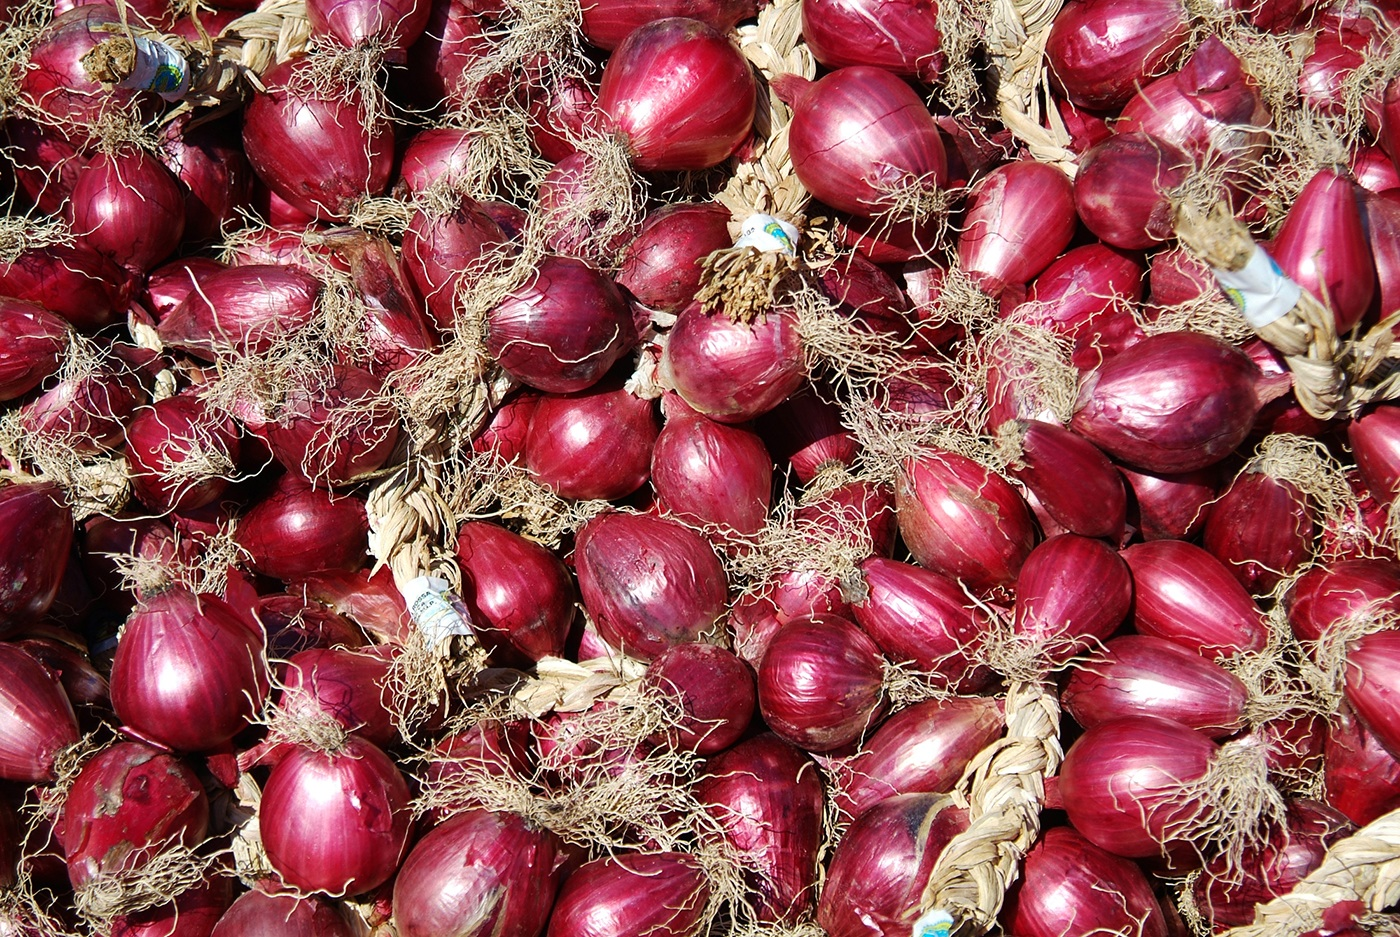 Culture De L Oignon Rouge l'oignon rouge de tropea: le charme fait avec l'oignon